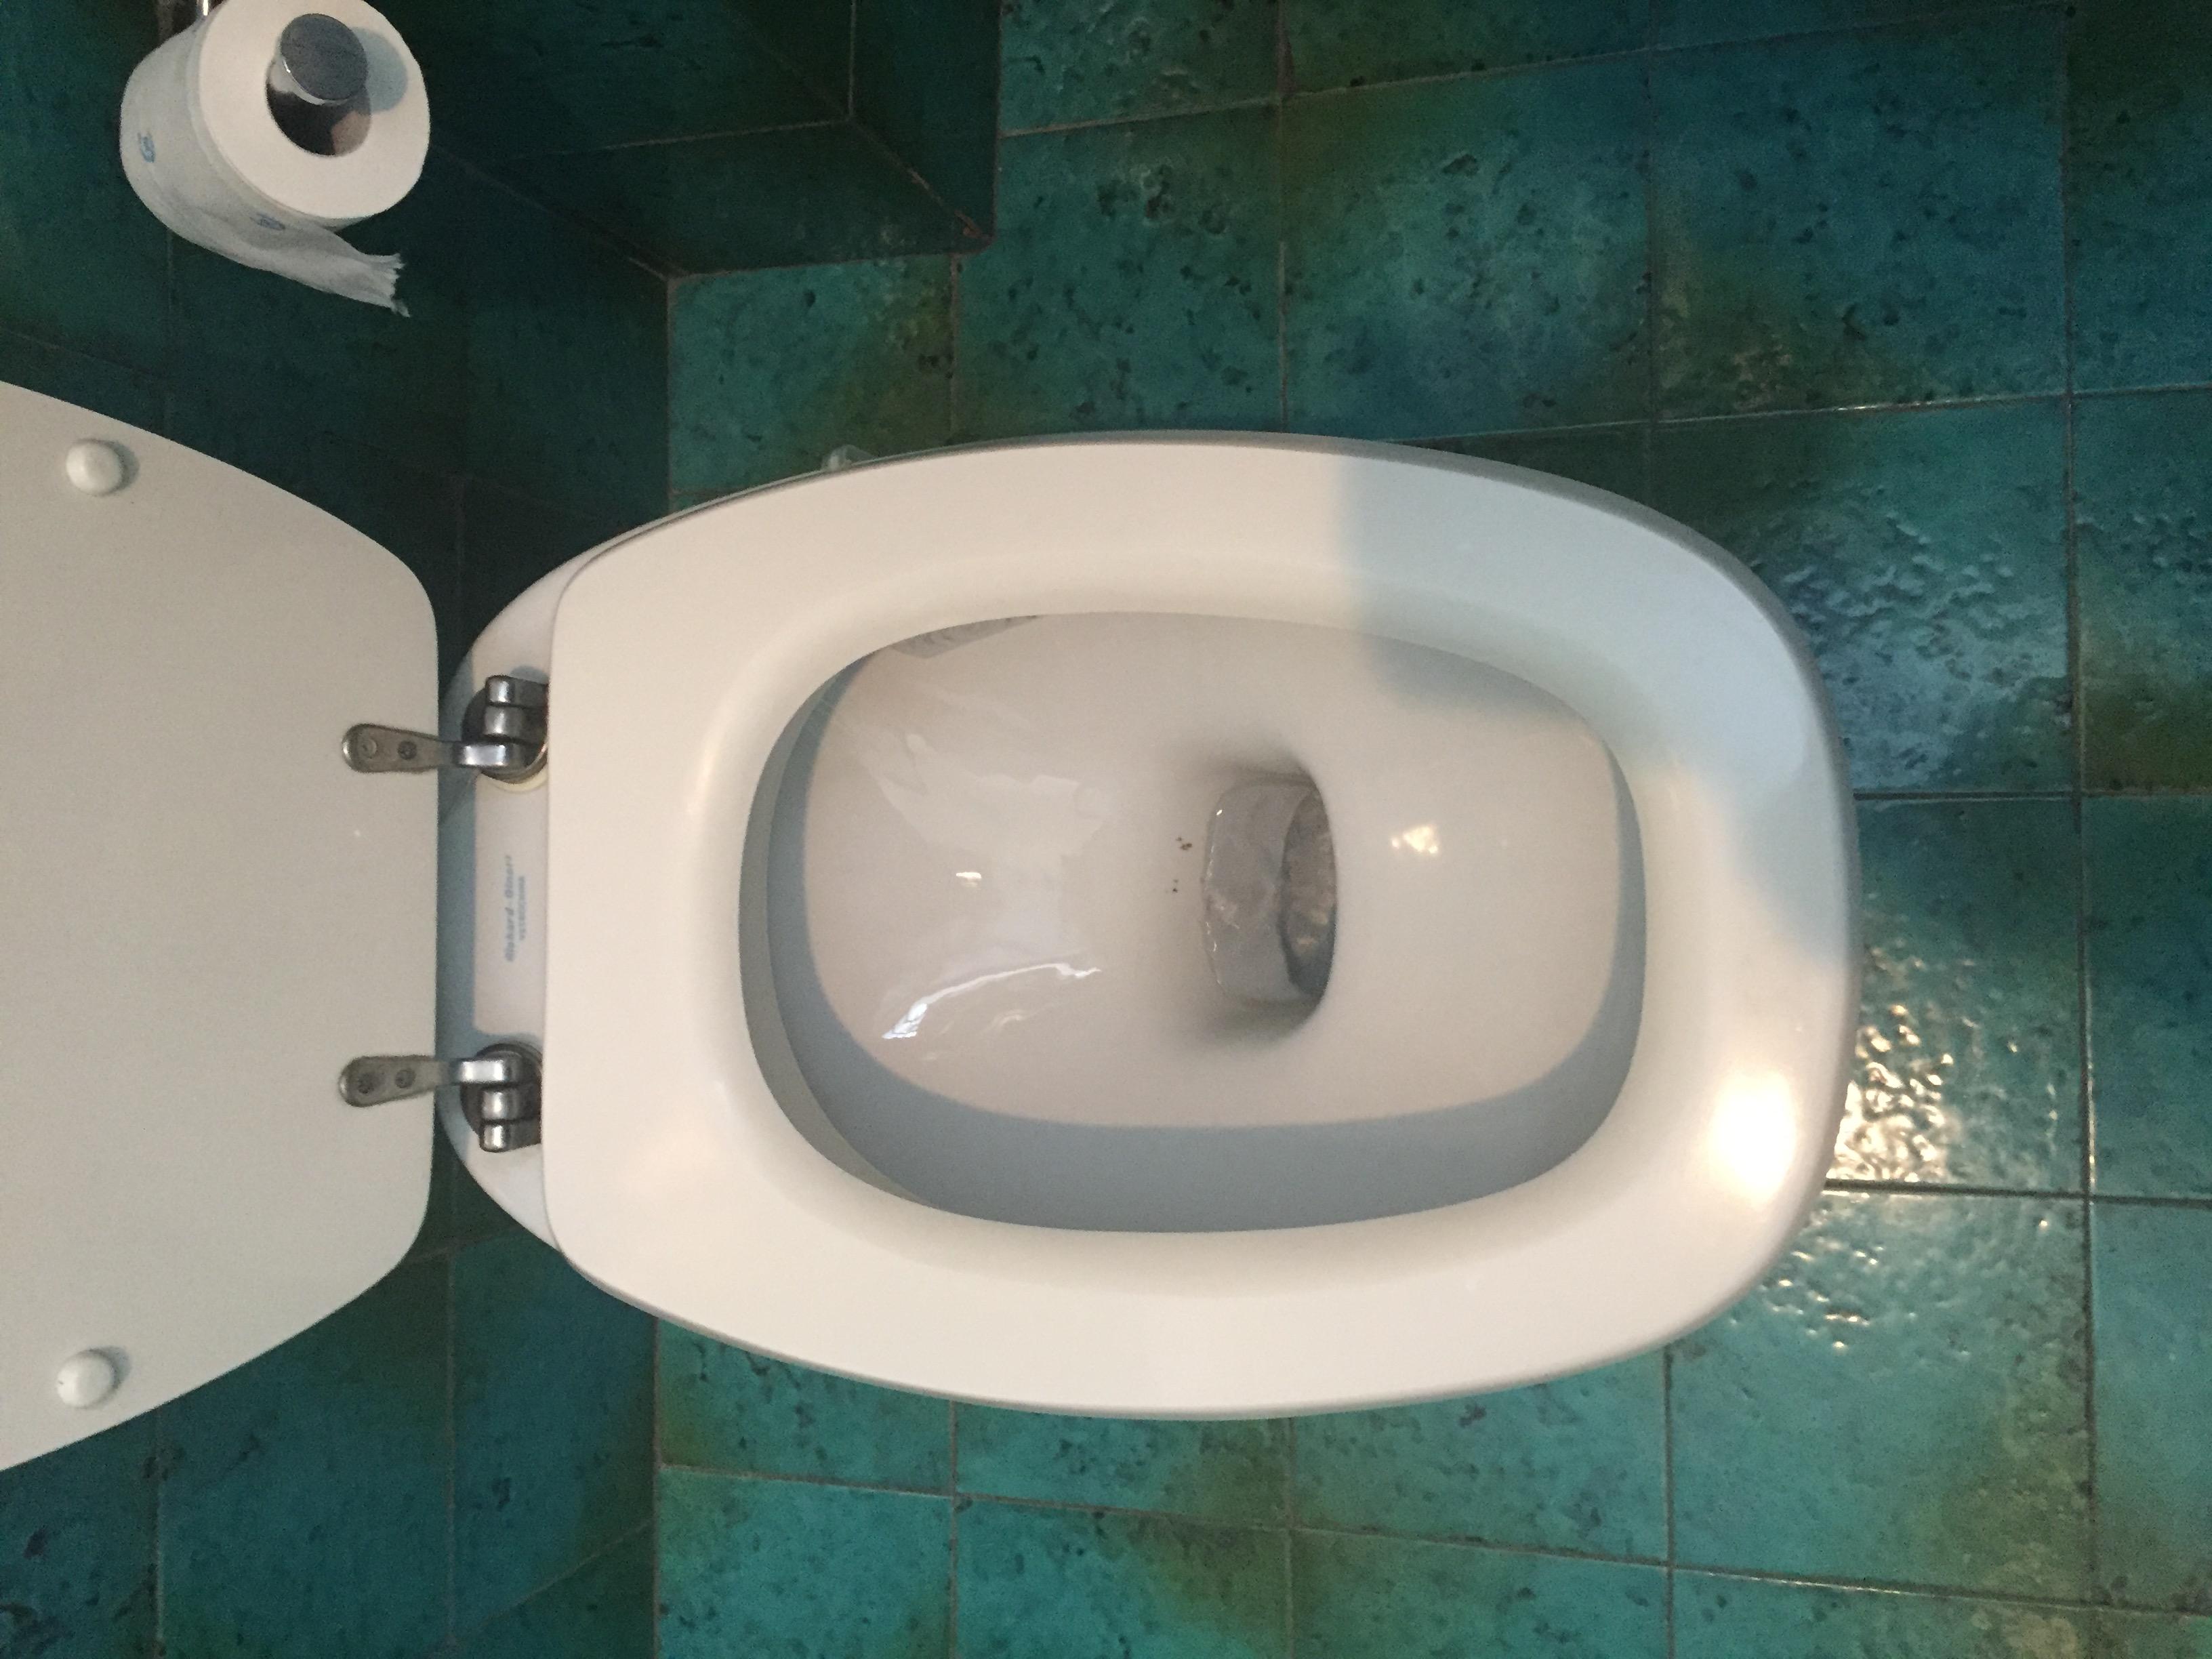 Sedile wc copriwater per modello italica marca pozzi ginori il tuo bagno online - Richard ginori sanitari bagno ...